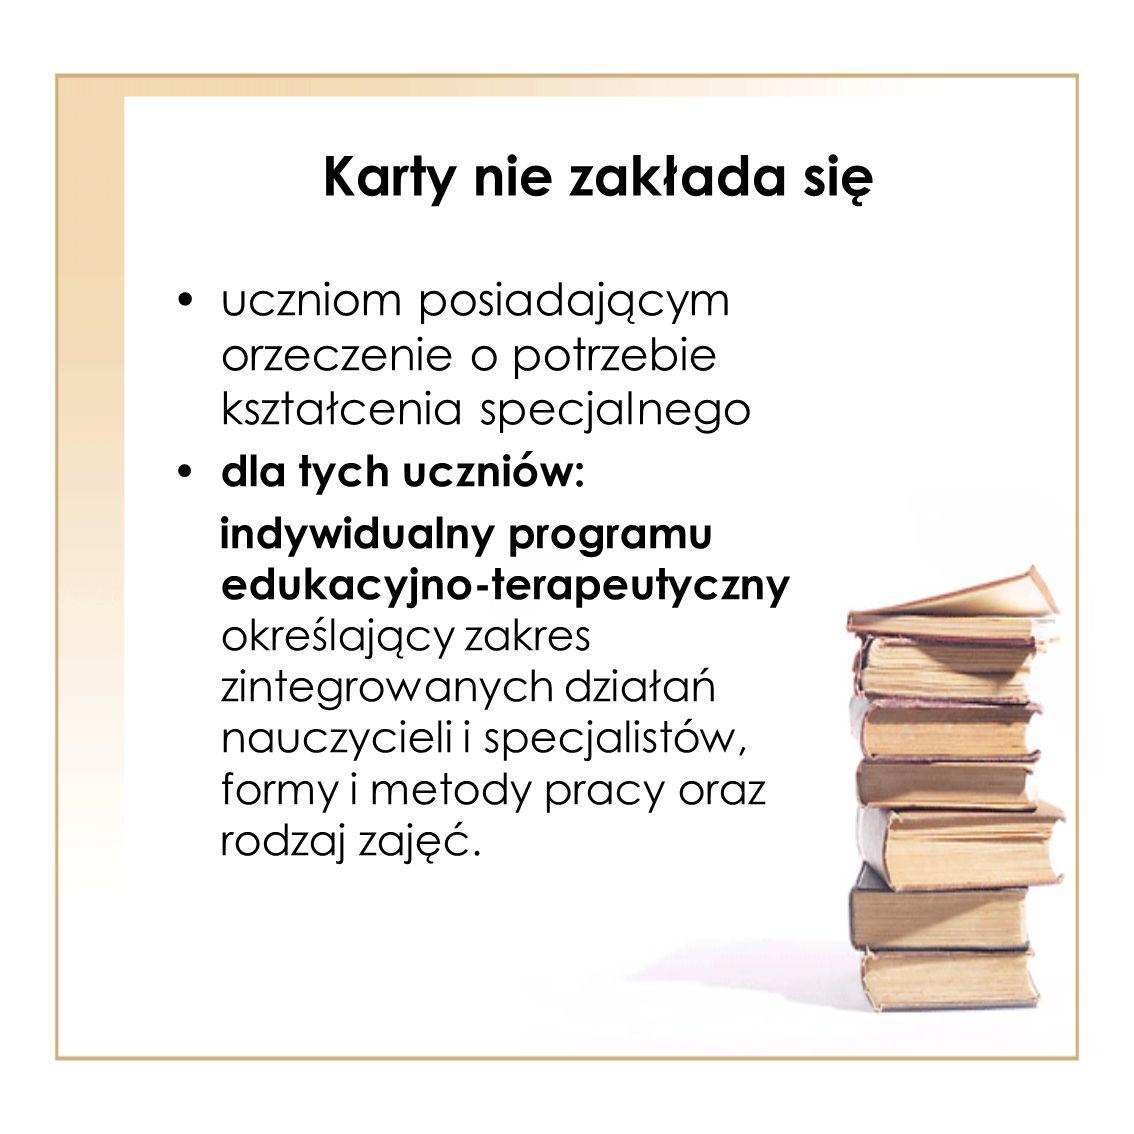 Karty nie zakłada się uczniom posiadającym orzeczenie o potrzebie kształcenia specjalnego dla tych uczniów: indywidualny programu edukacyjno-terapeuty